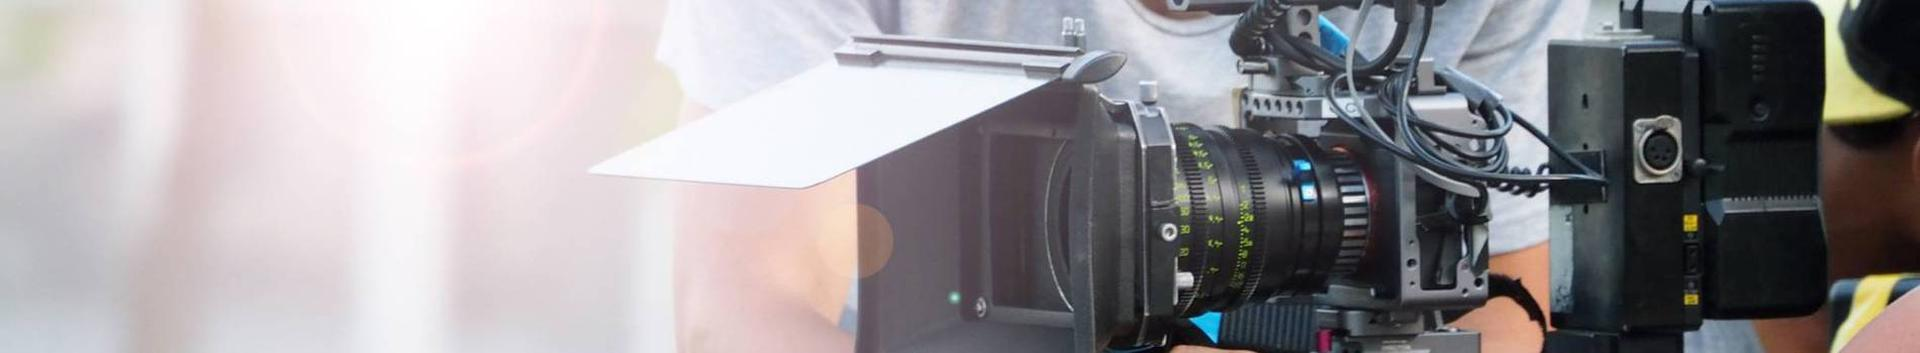 59111_kinofilmide-videod-tootmine_97116214_xl.jpg